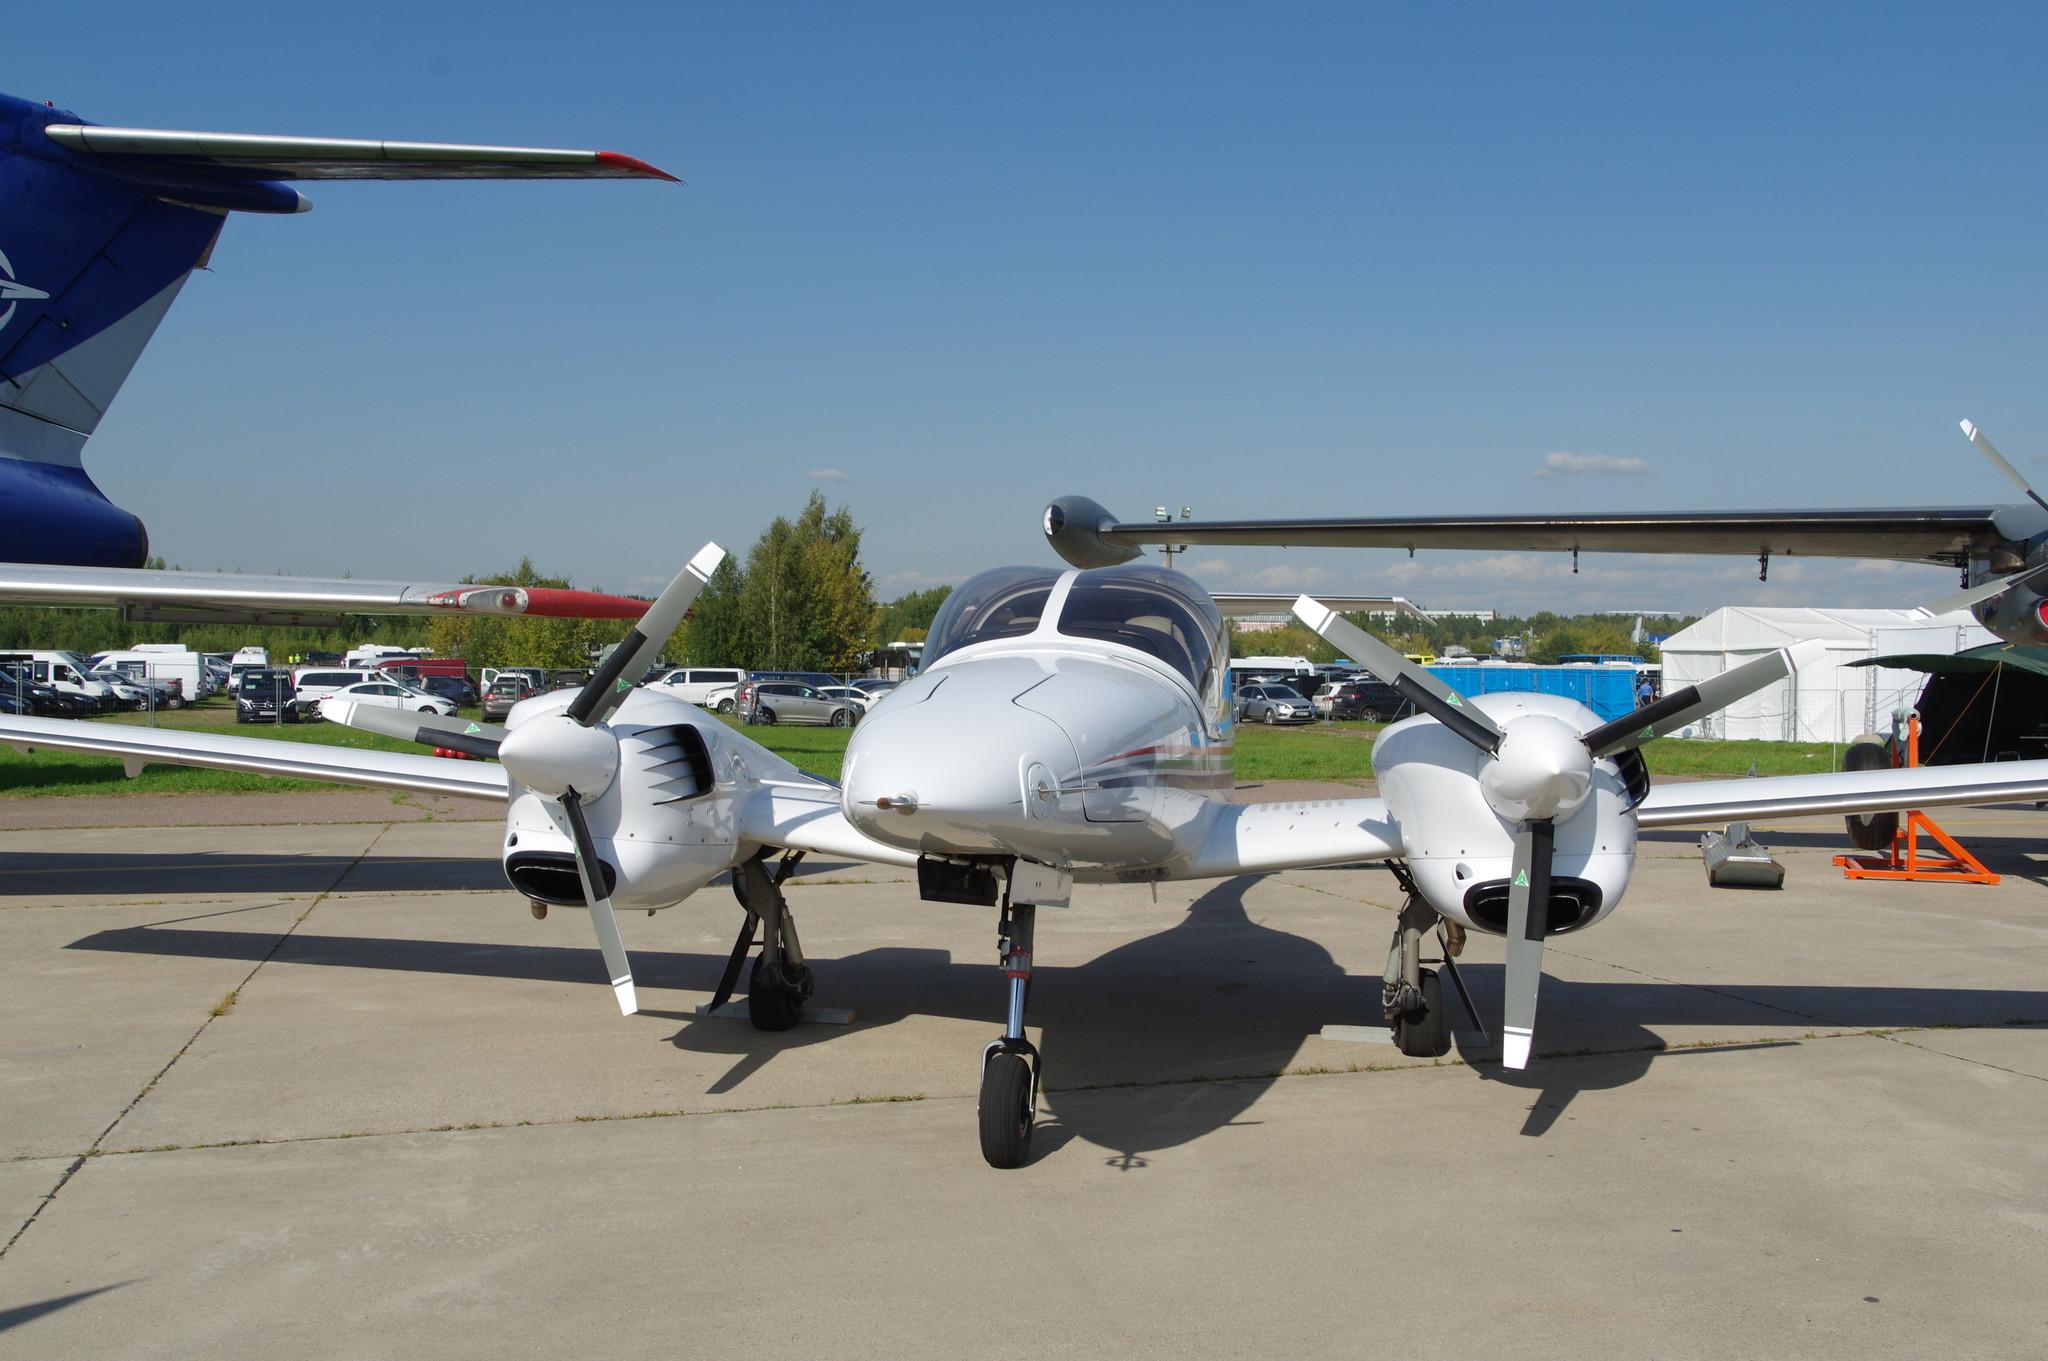 Лёгкий многоцелевой самолёт Diamond DA42Т